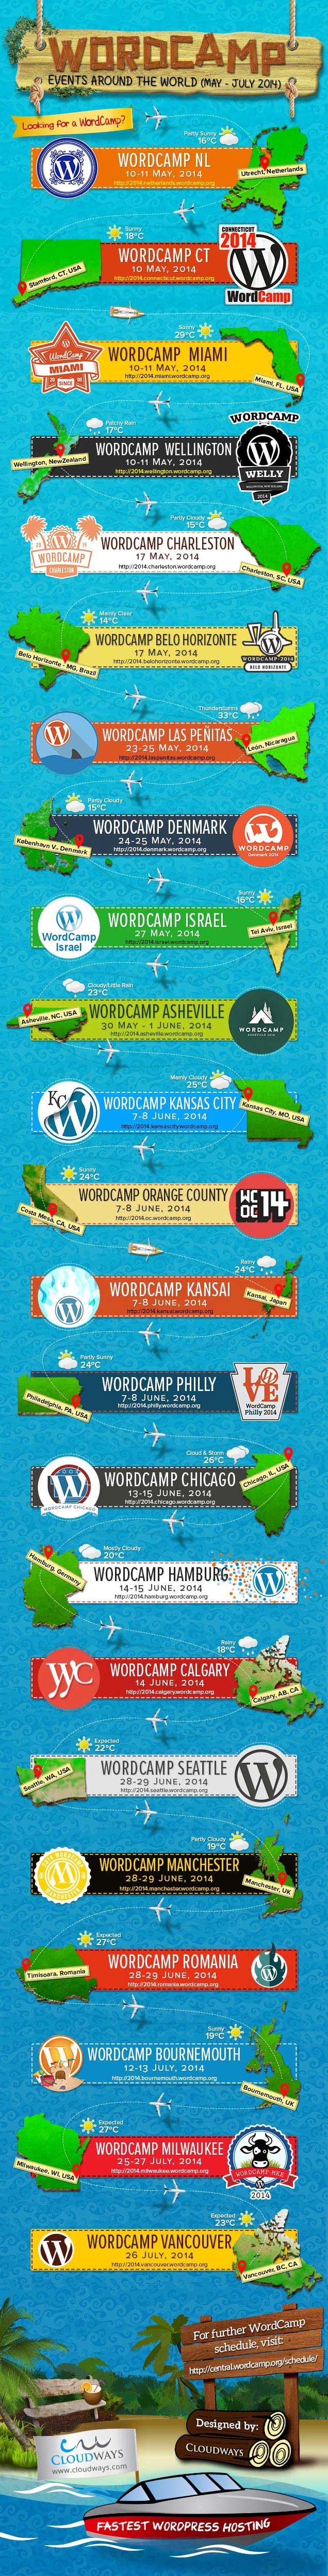 WordCamp Infographic